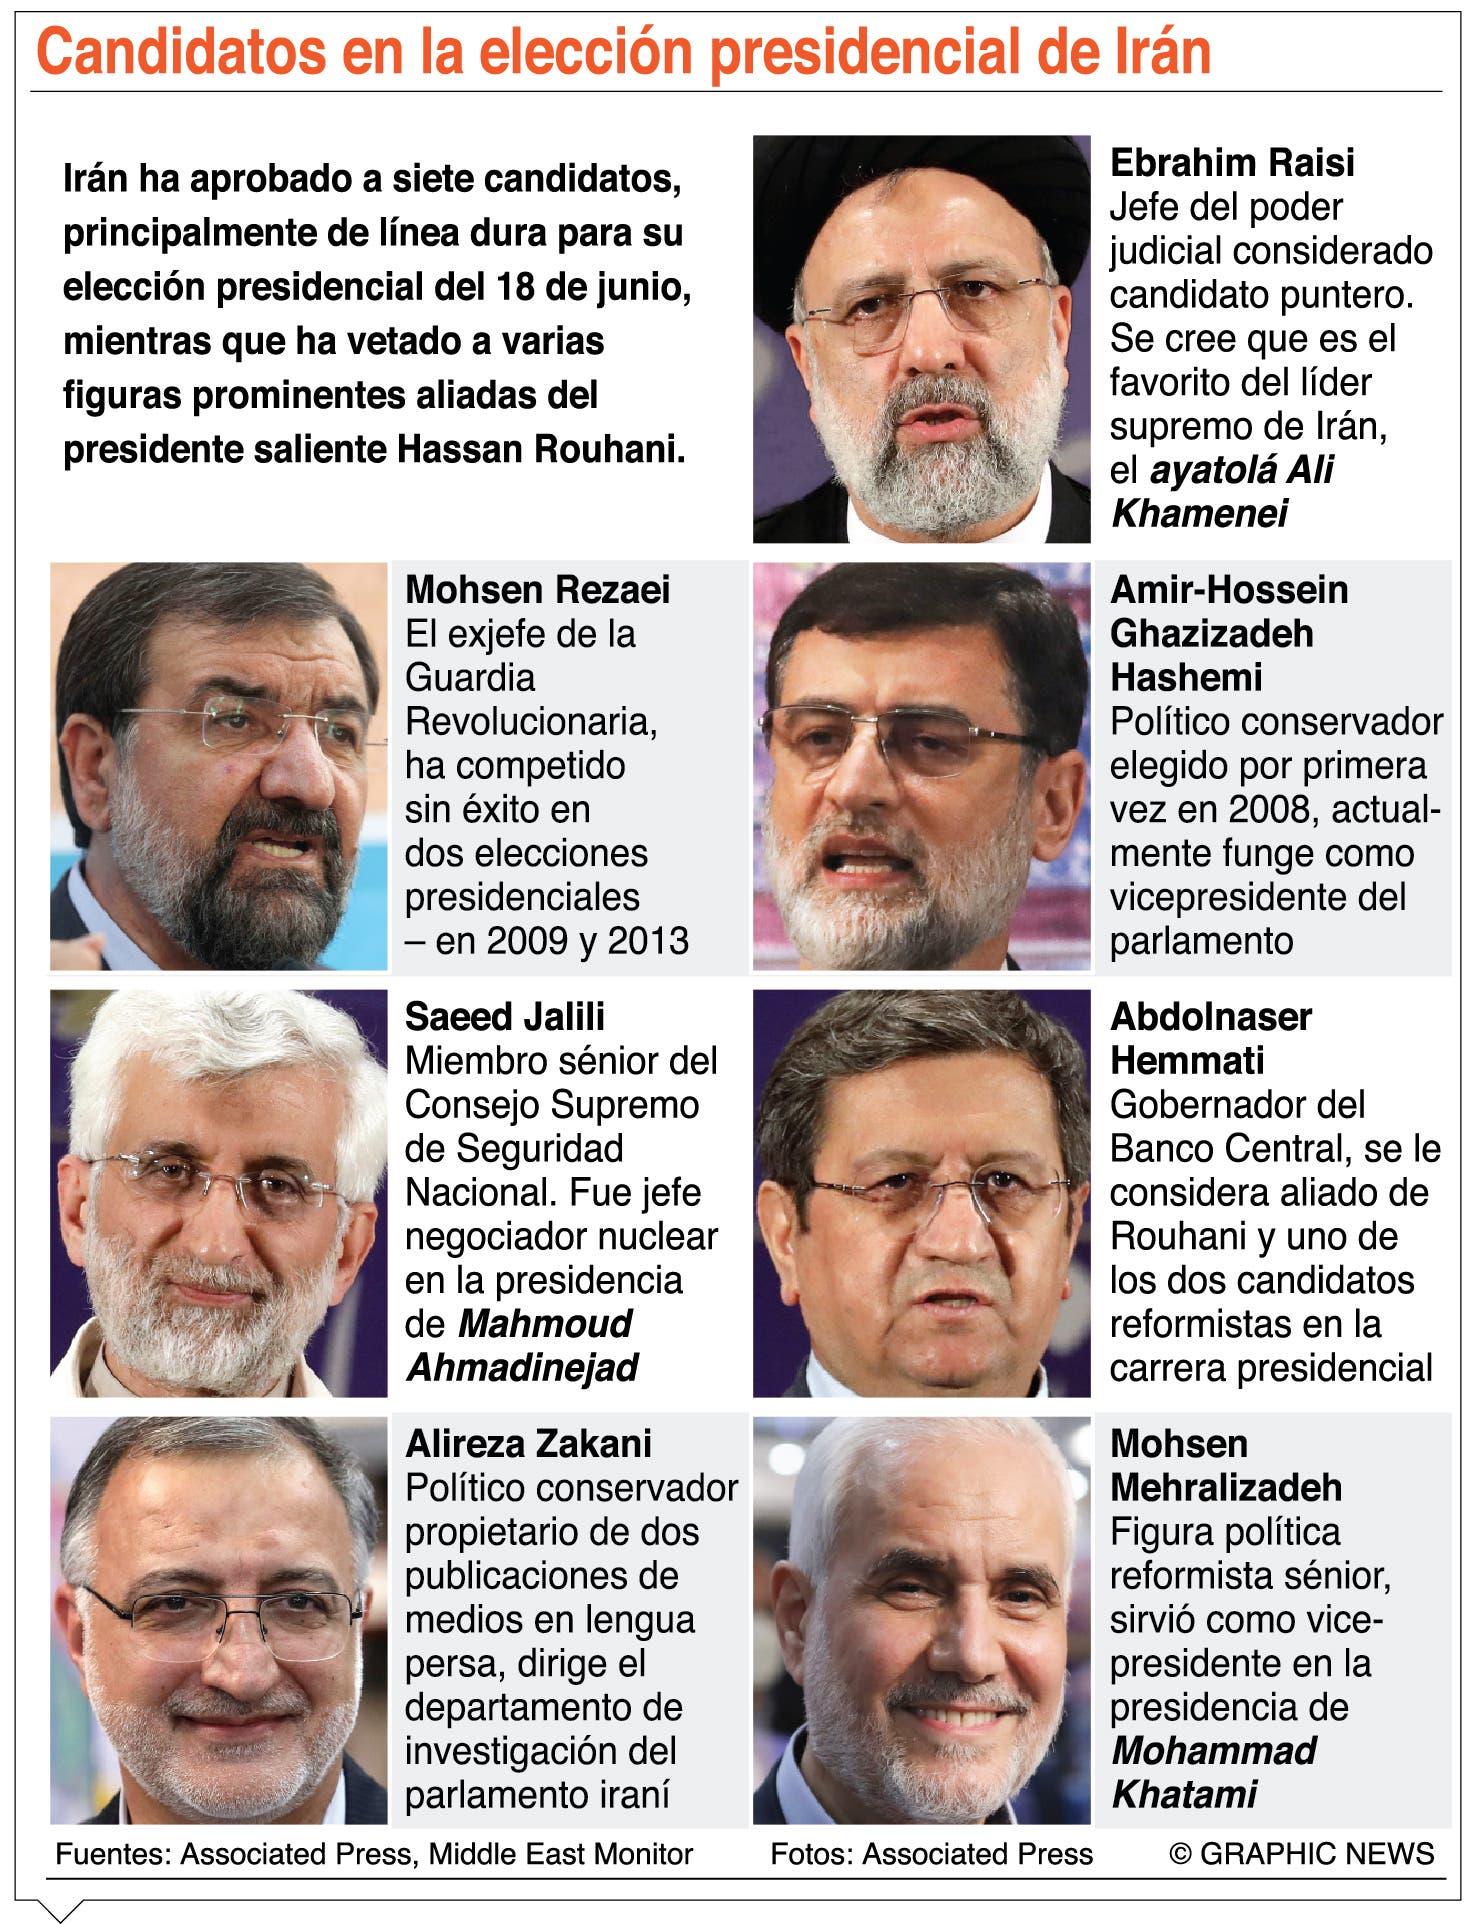 Irán presenta siete candidatos a los comicios presidenciales